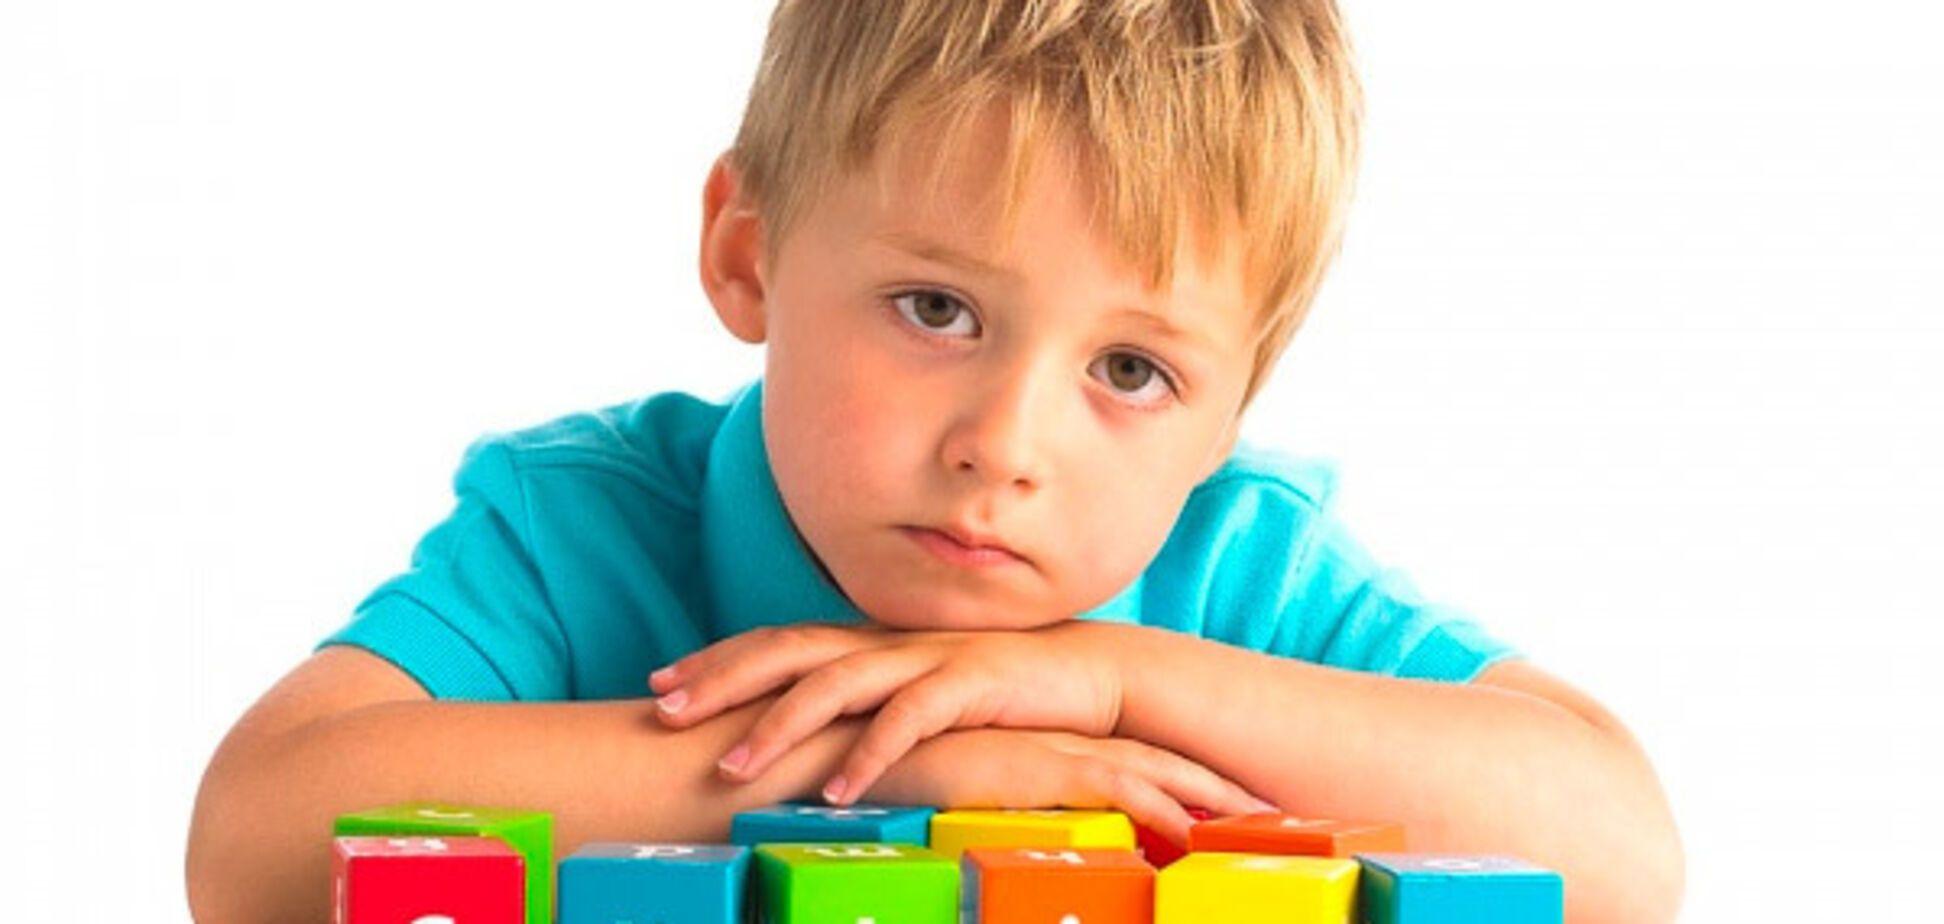 С точностью до 96%: ученые нашли способ предсказывать аутизм у новорожденных